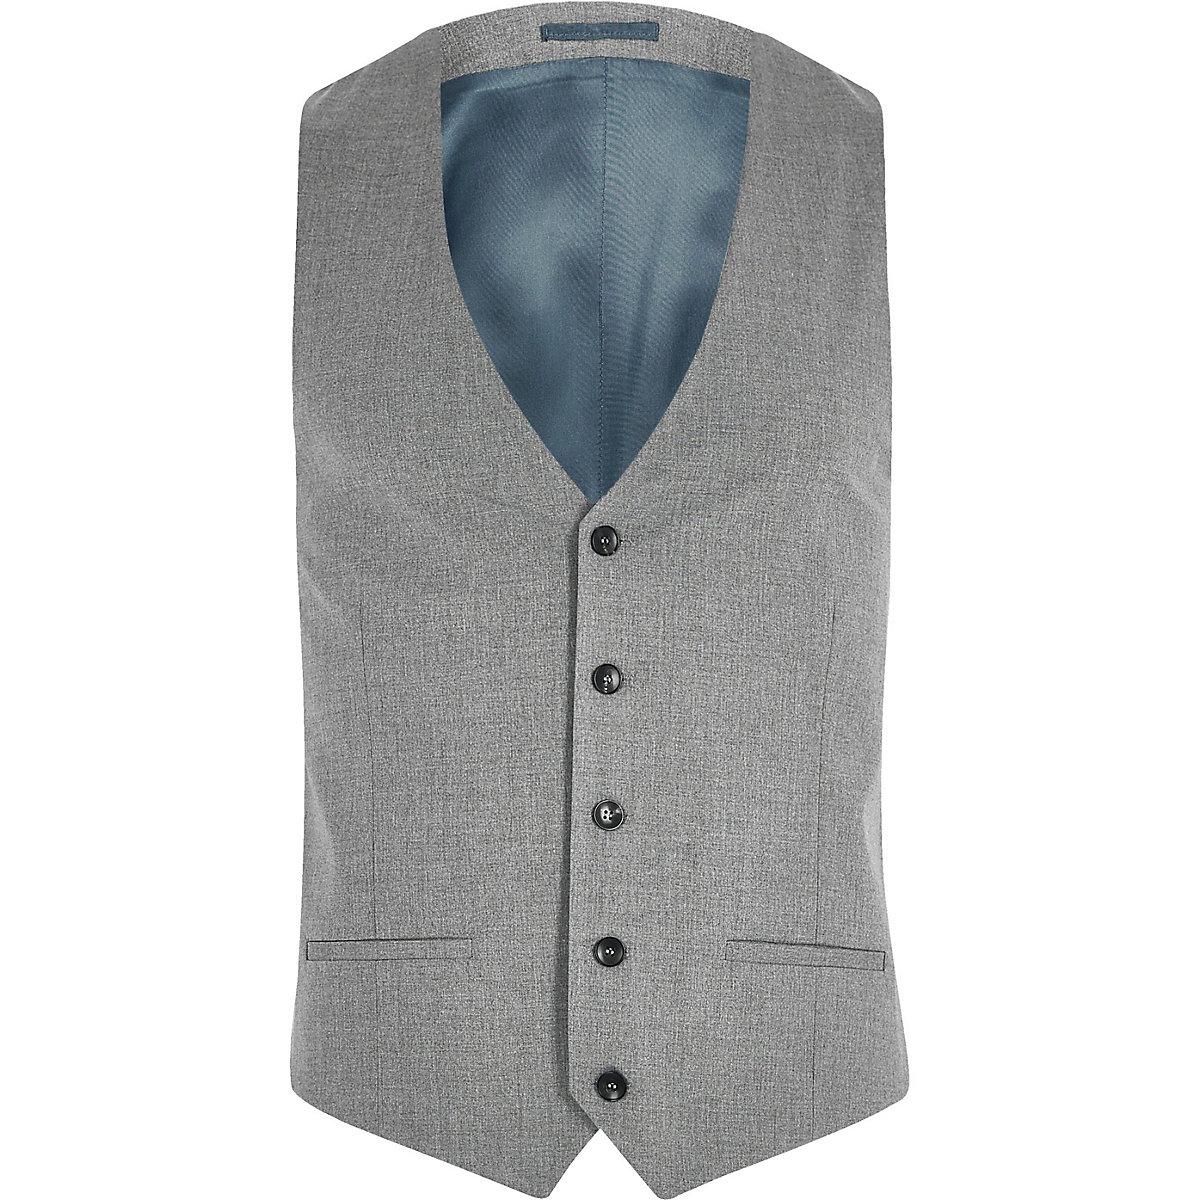 Grey slim fit suit vest